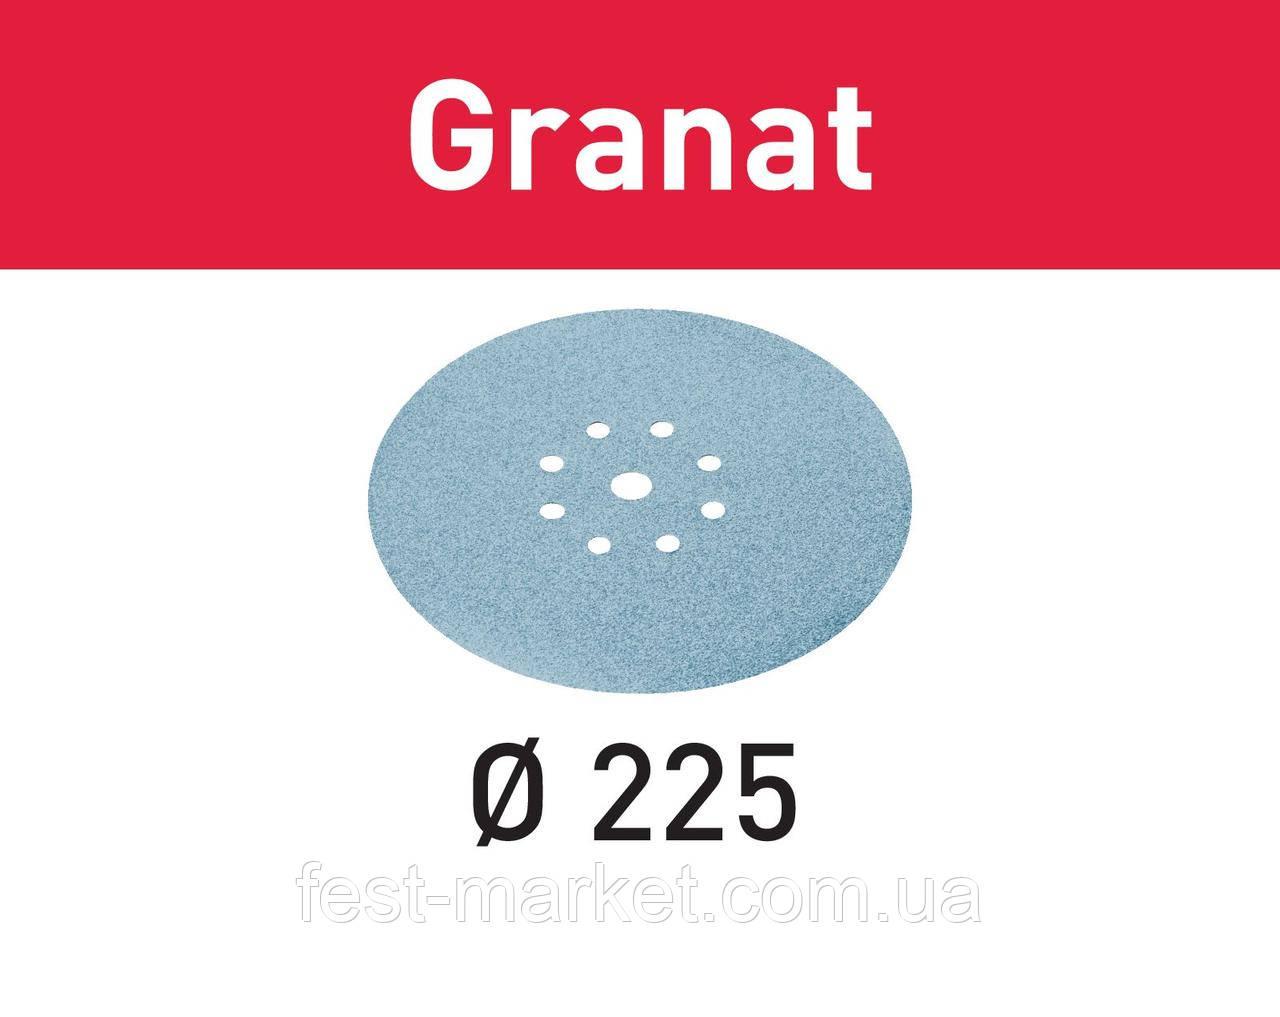 Шлифовальные круги Granat STF D225/8 P40 GR/25 Festool 499634